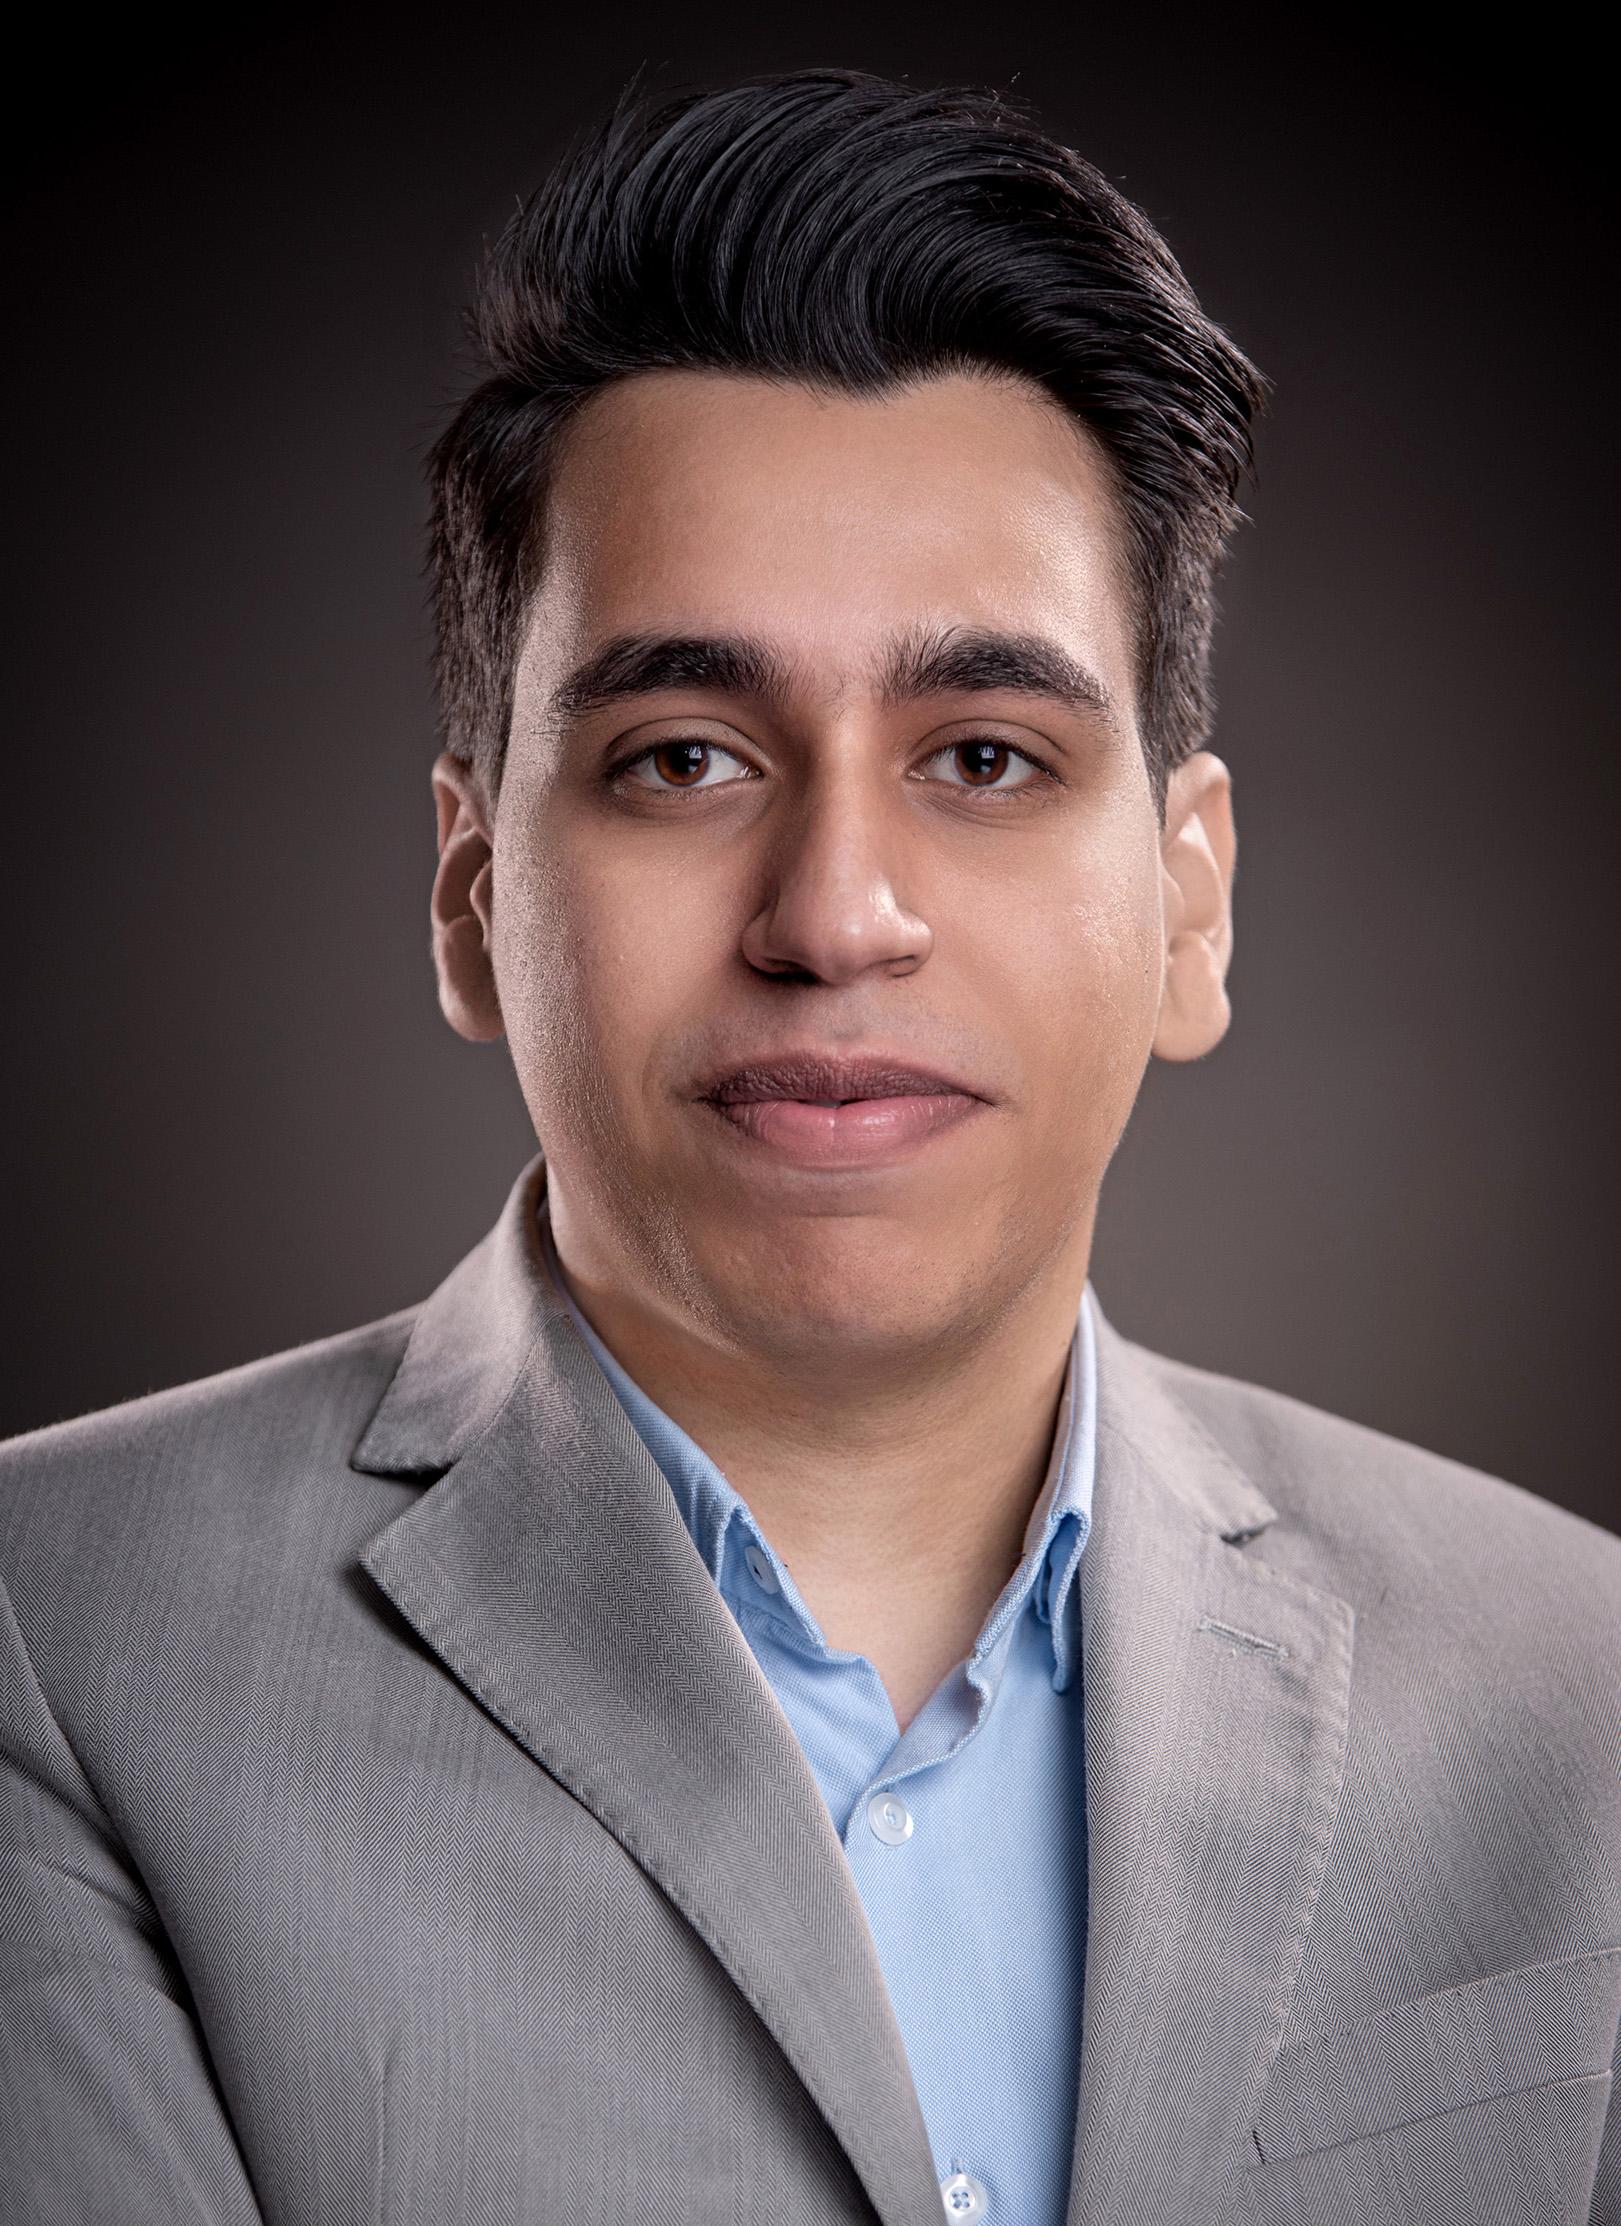 Abdullah Kamel